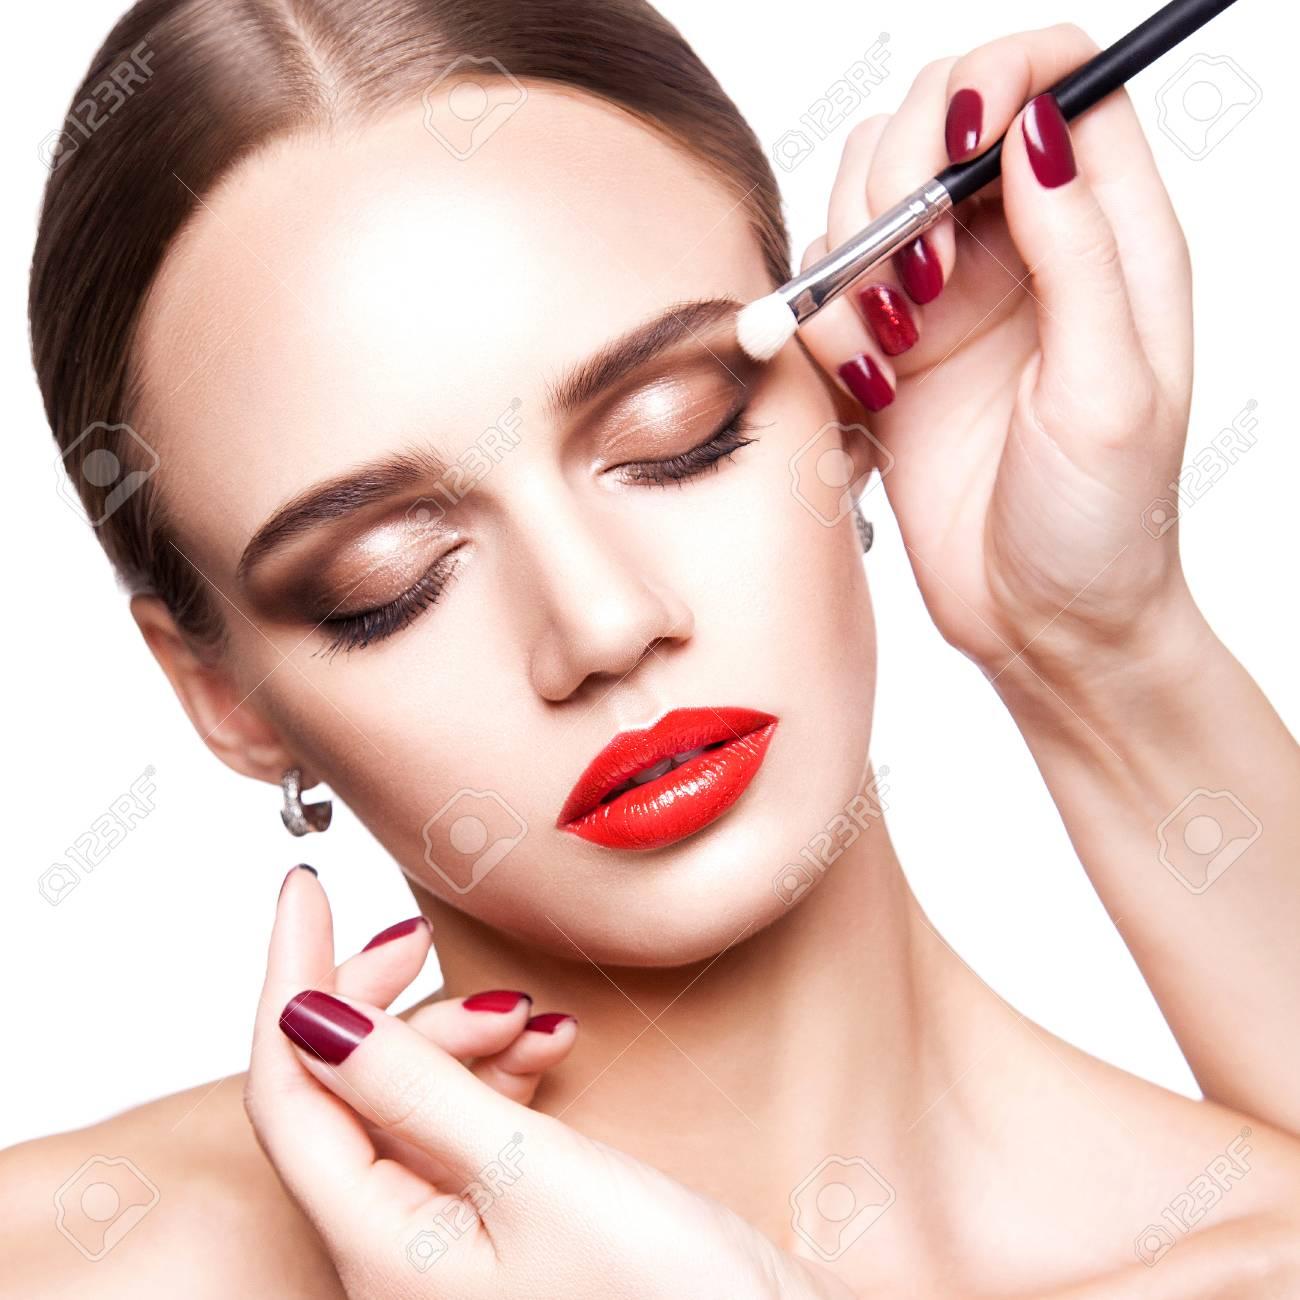 Professional Makeup Artist Applies Makeup For Beautiful Young